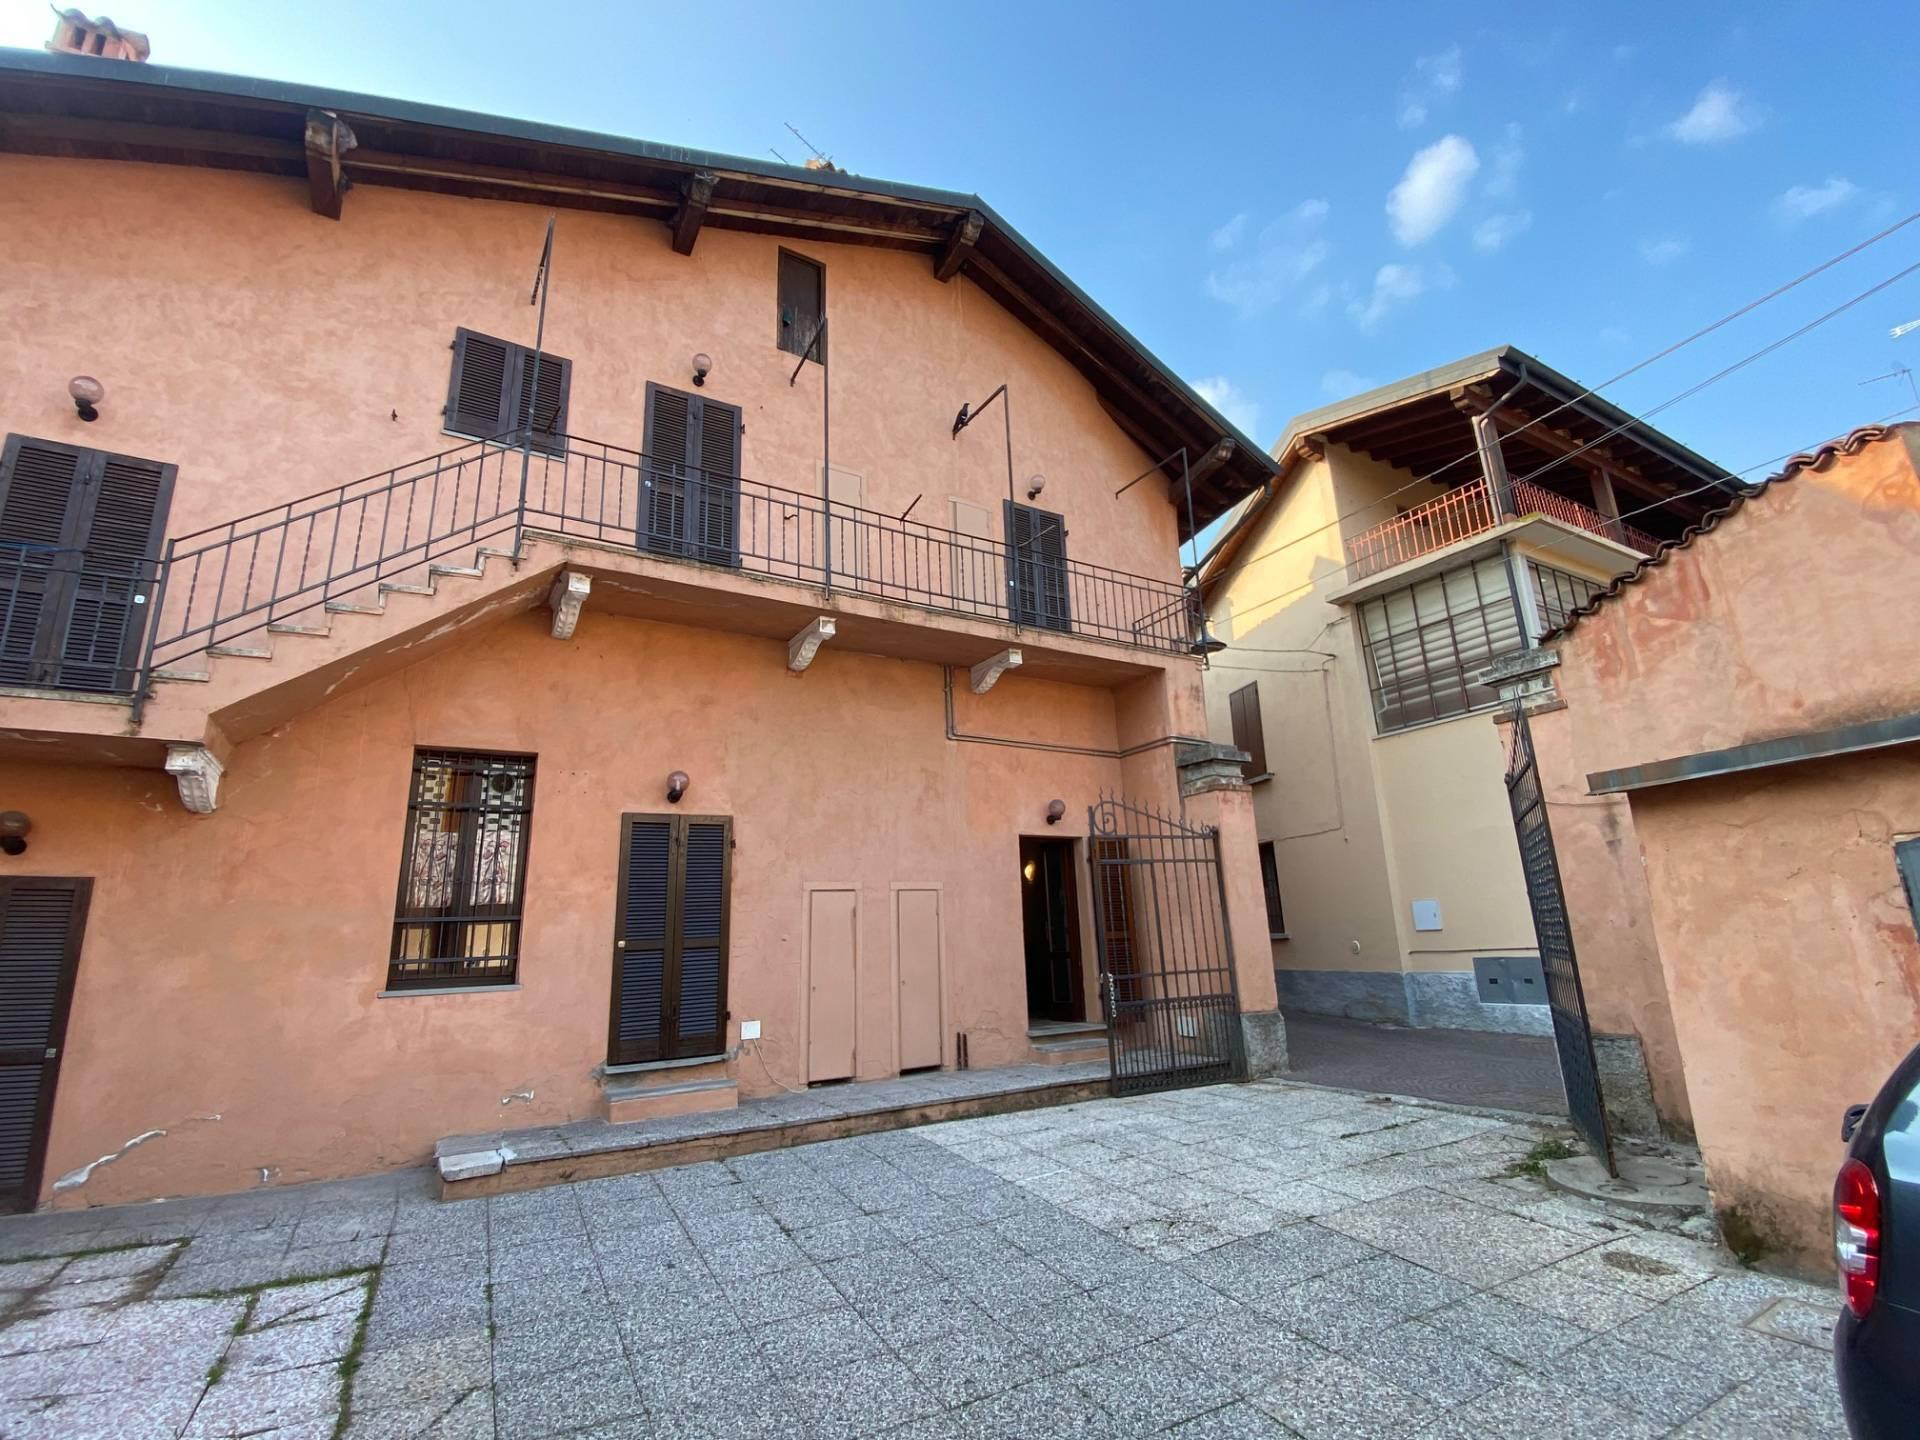 Appartamento in affitto a Palazzolo sull'Oglio, 2 locali, prezzo € 450 | PortaleAgenzieImmobiliari.it